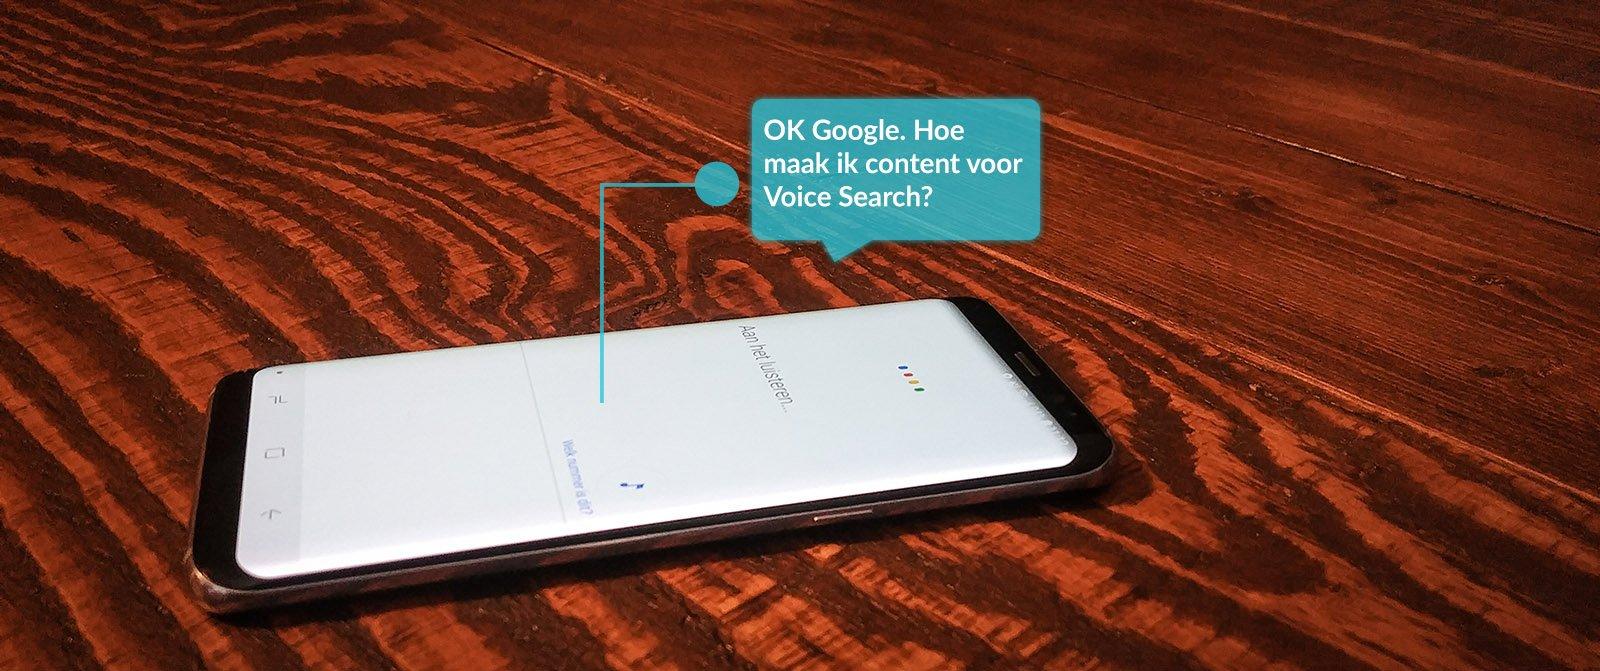 hoe maak ik content voor voice search - google